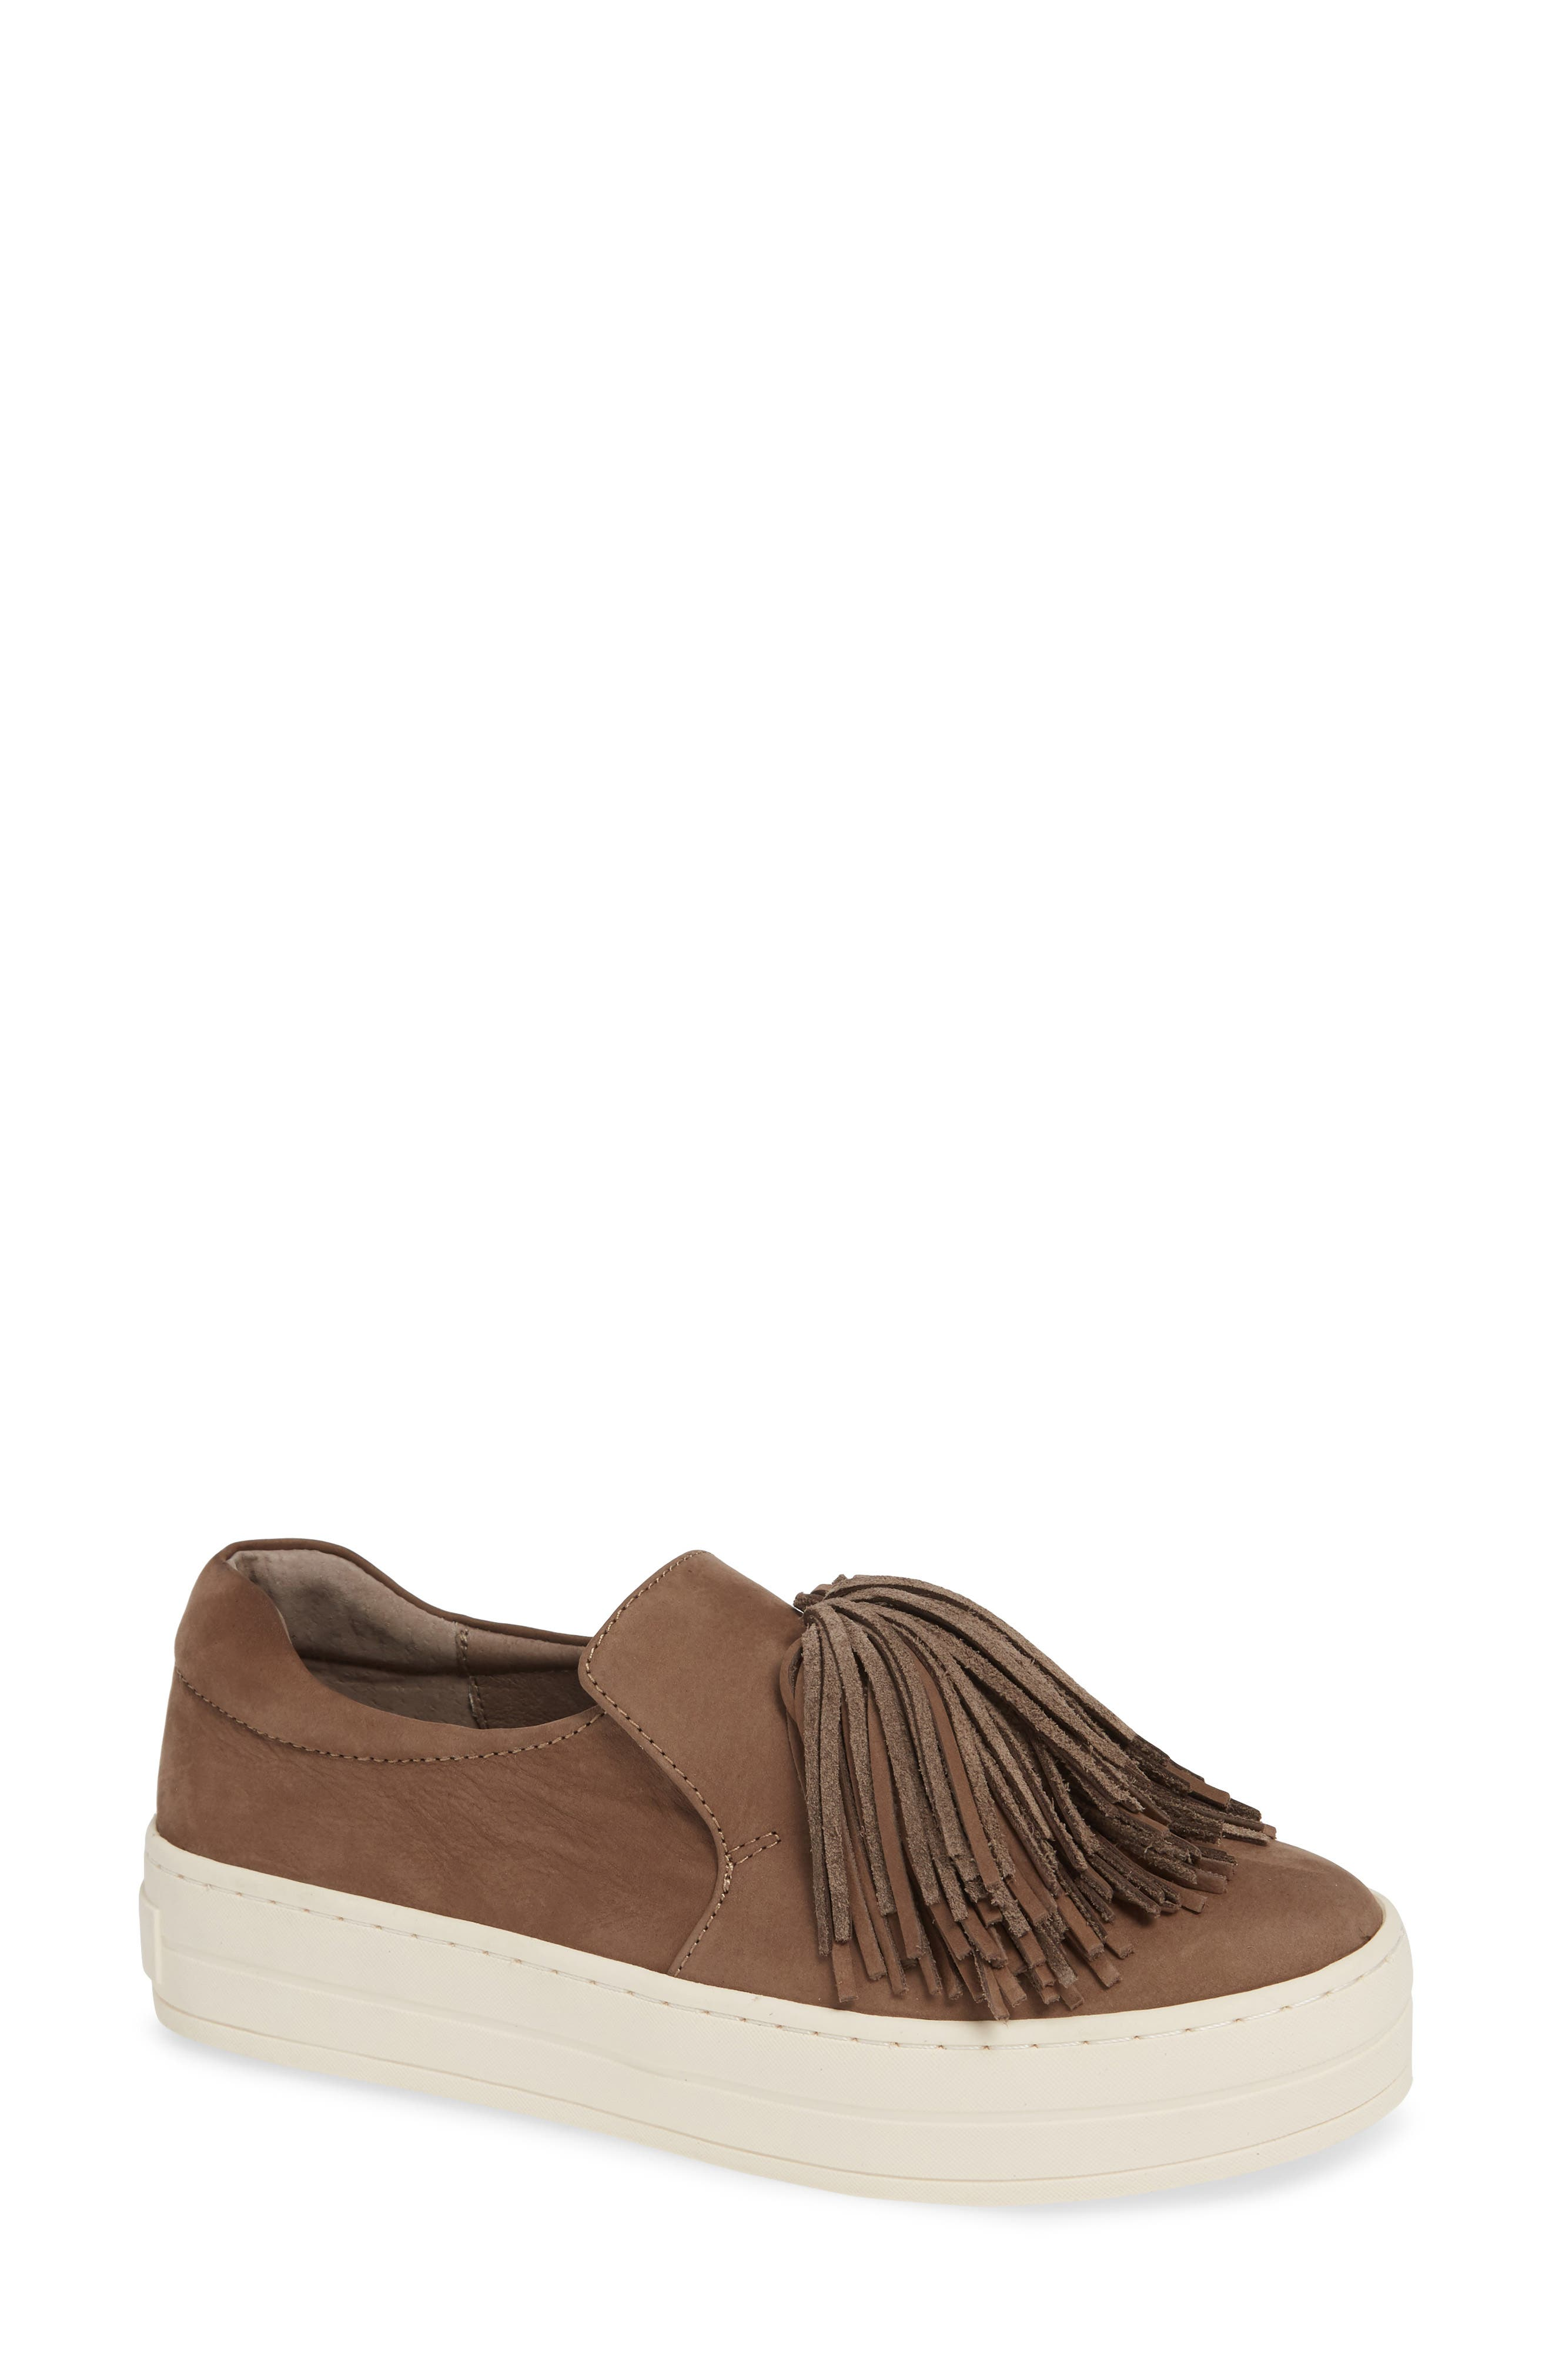 Jslides Hope Slip-On Sneaker, Beige